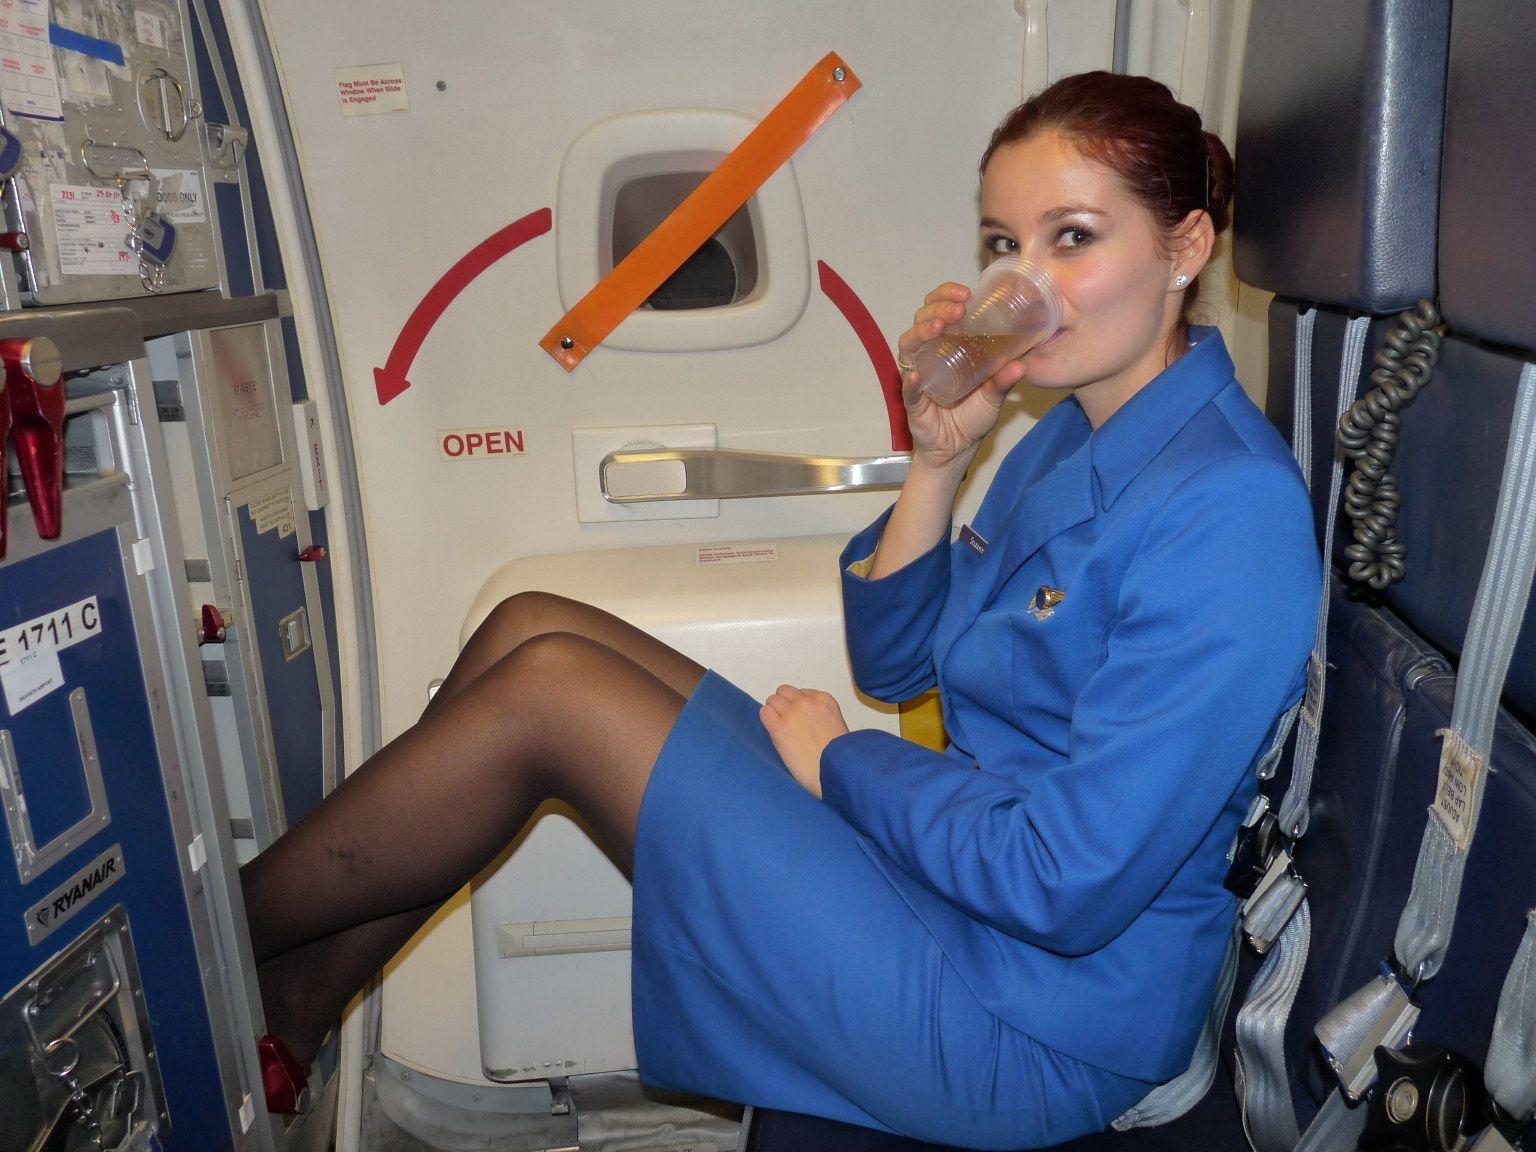 Стюардесса в колготках фотографии, Голые стюардессы на фото и обнаженные девушки » 13 фотография